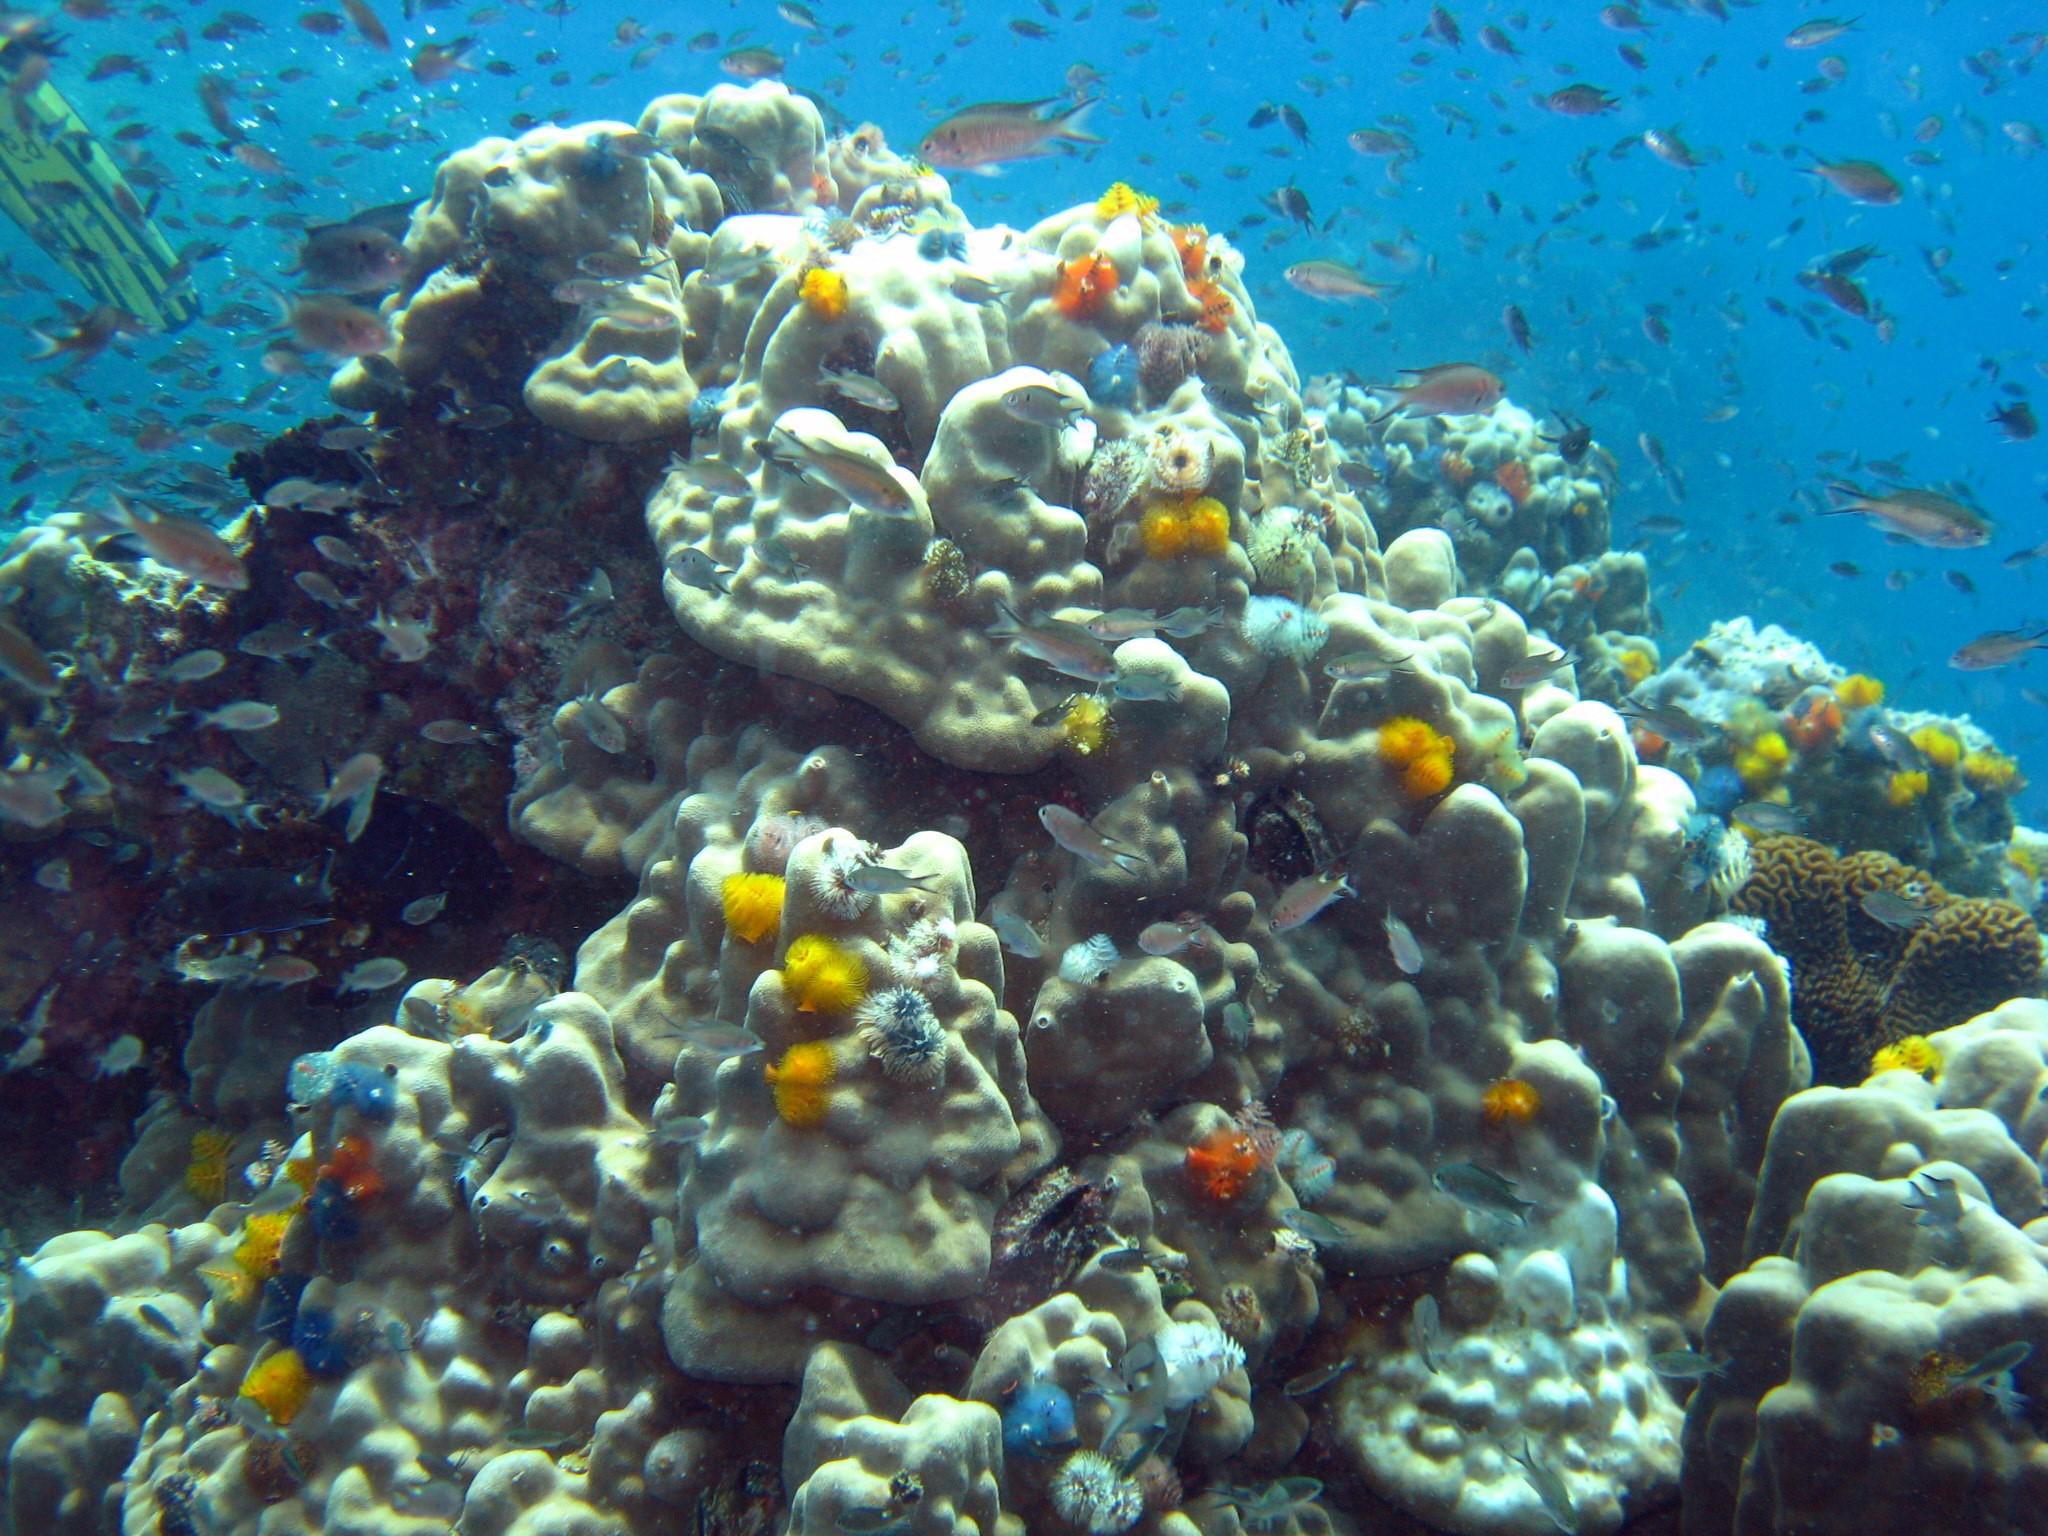 Arrecife de coral en Tailandia. Imagen: Marta Coll, ICM-CSIC